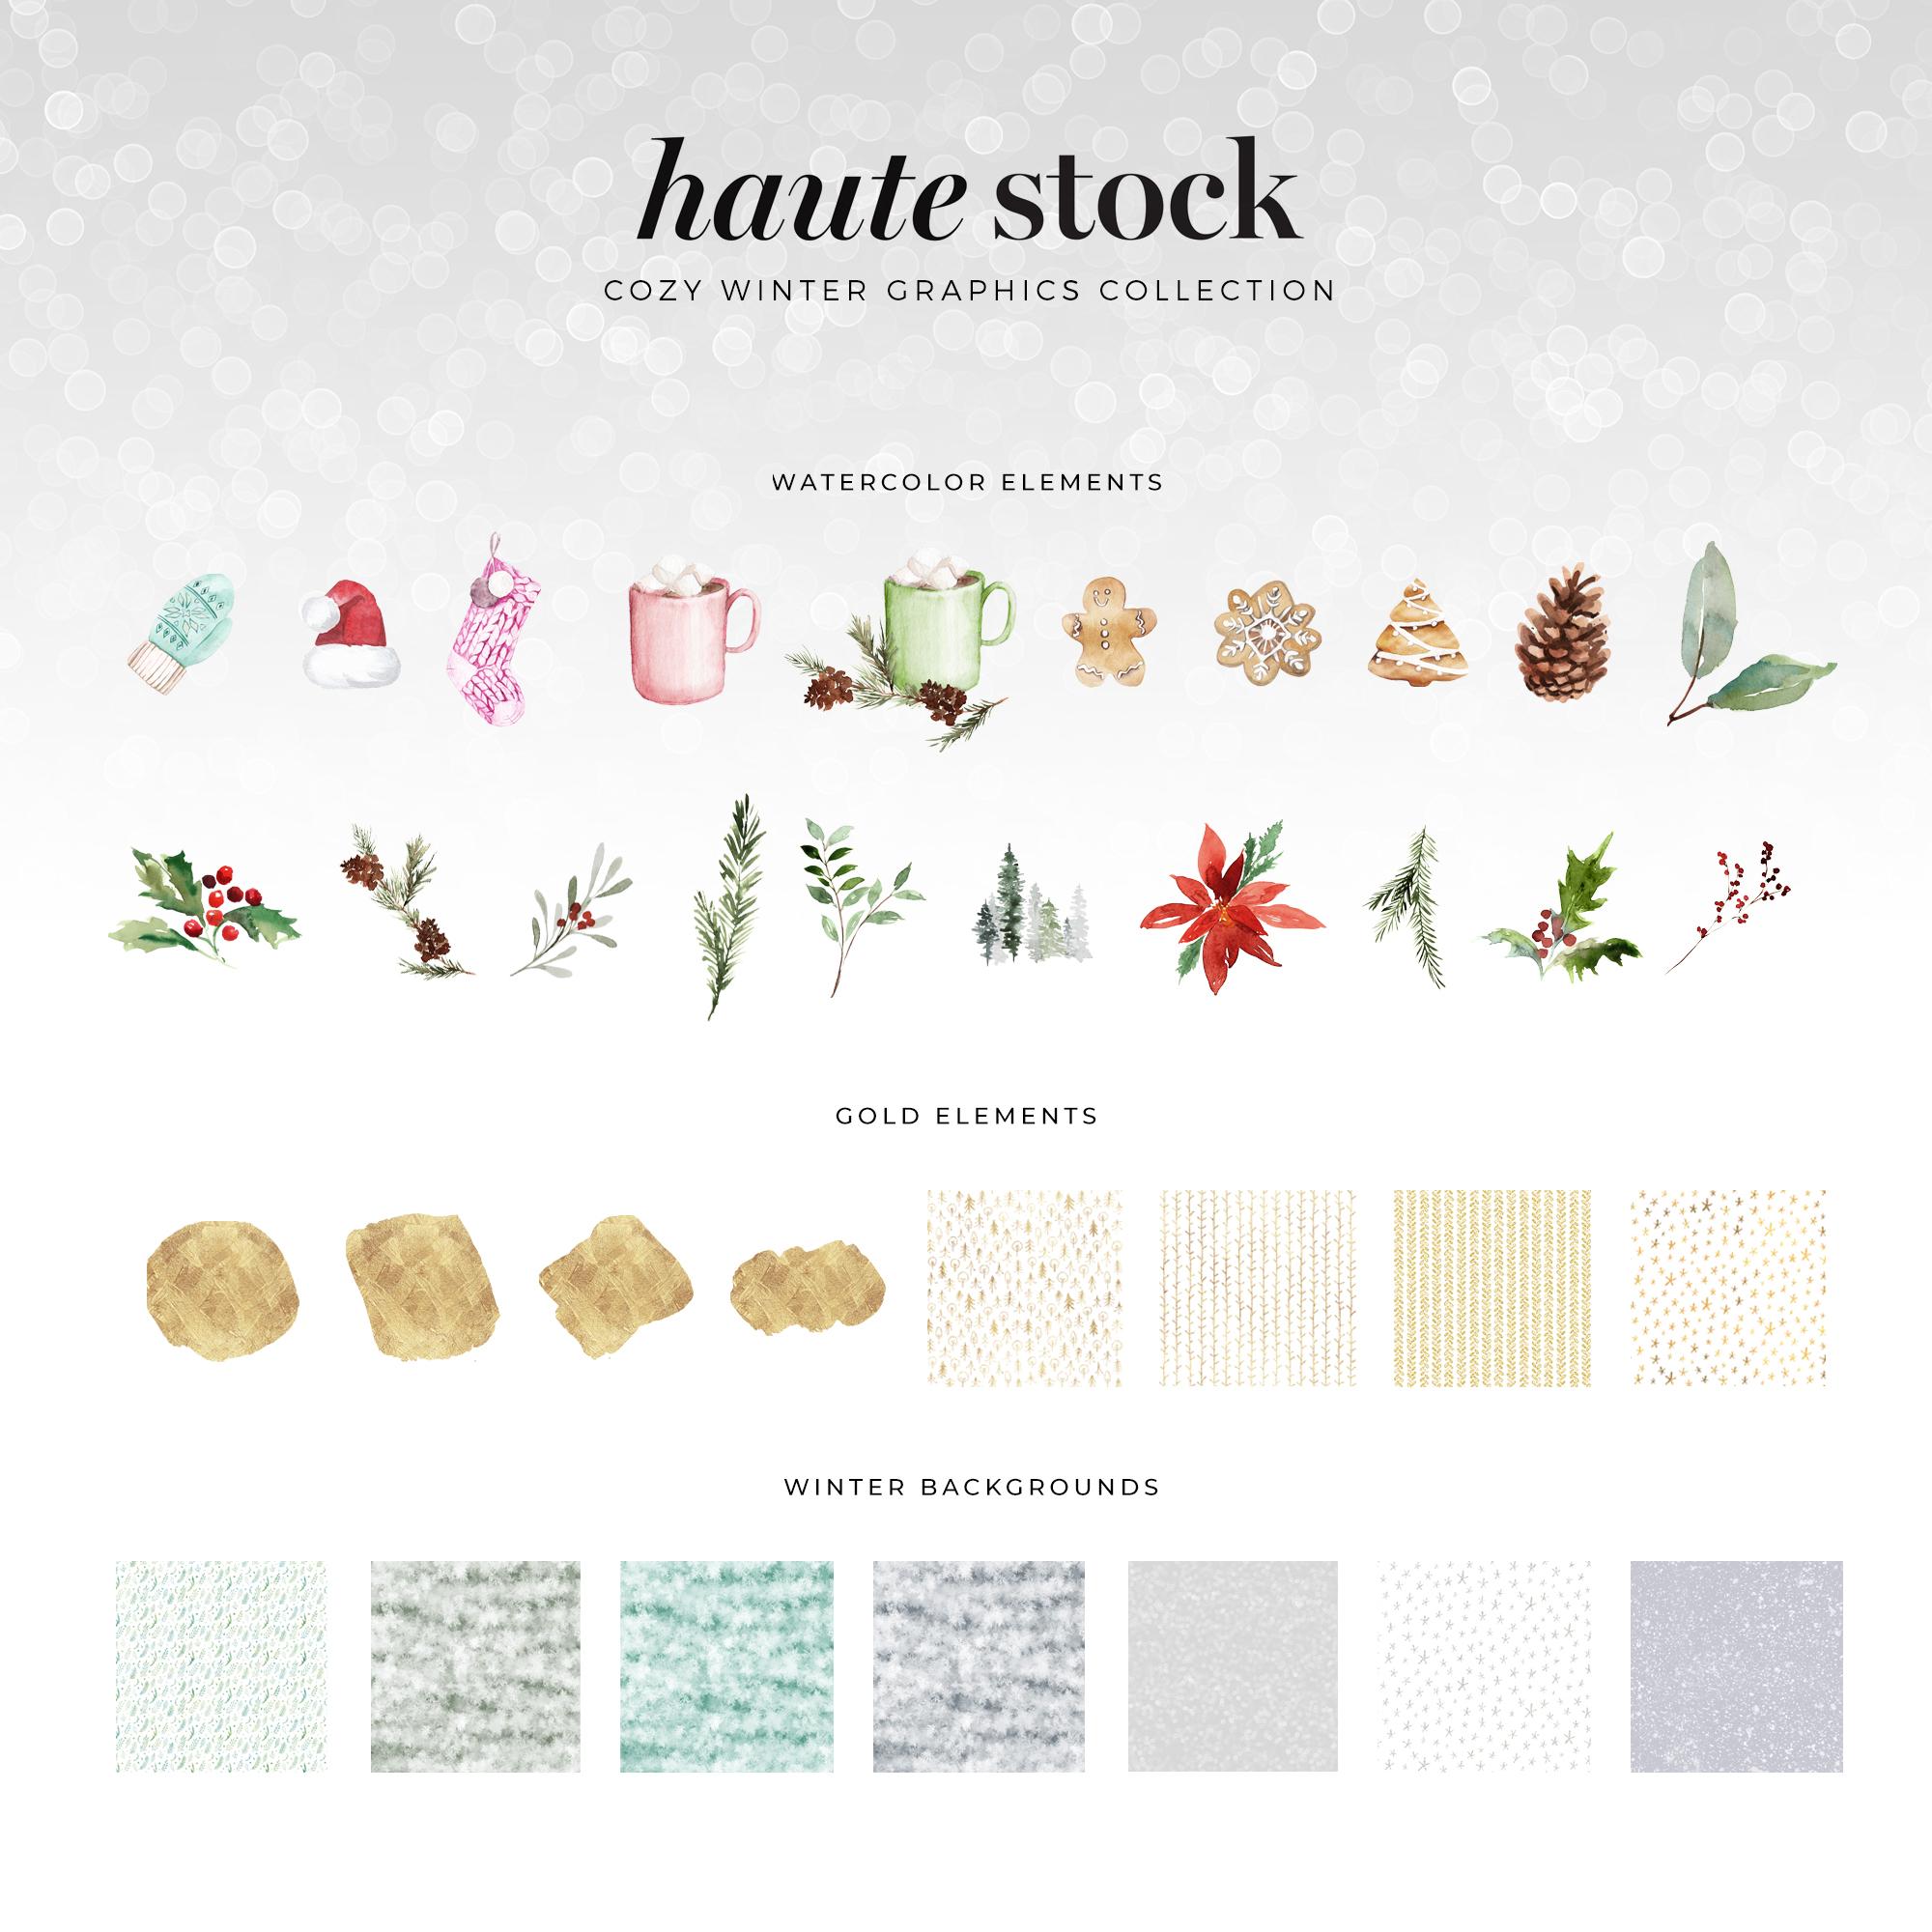 haute stock november 2018 preview.jpg